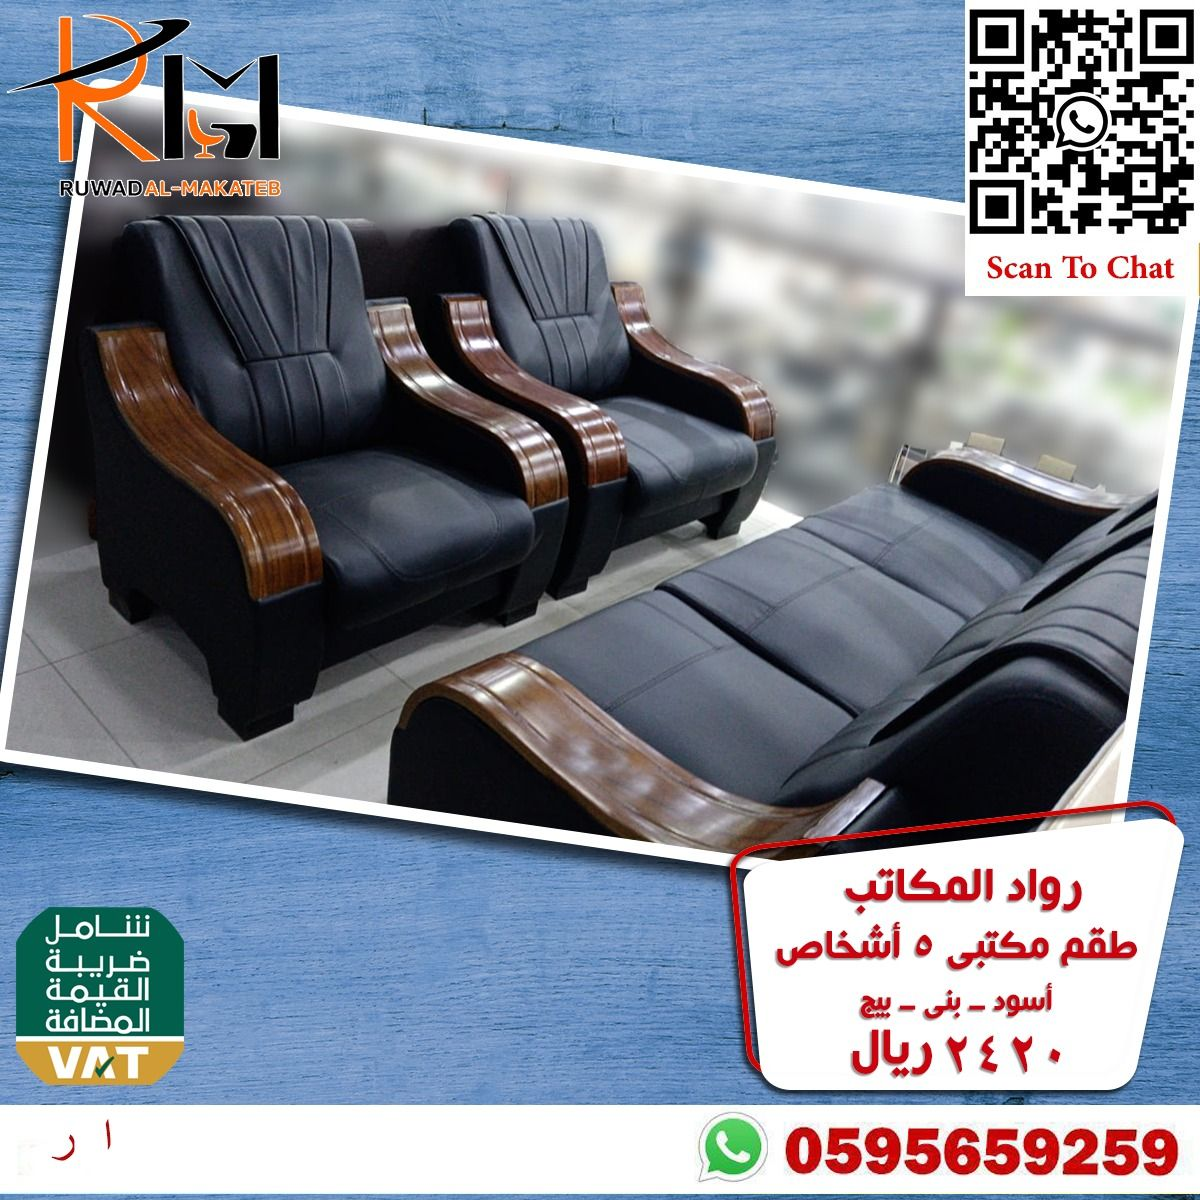 كنب مكتبي مودرن In 2021 Massage Chair Electric Massage Chair Home Decor